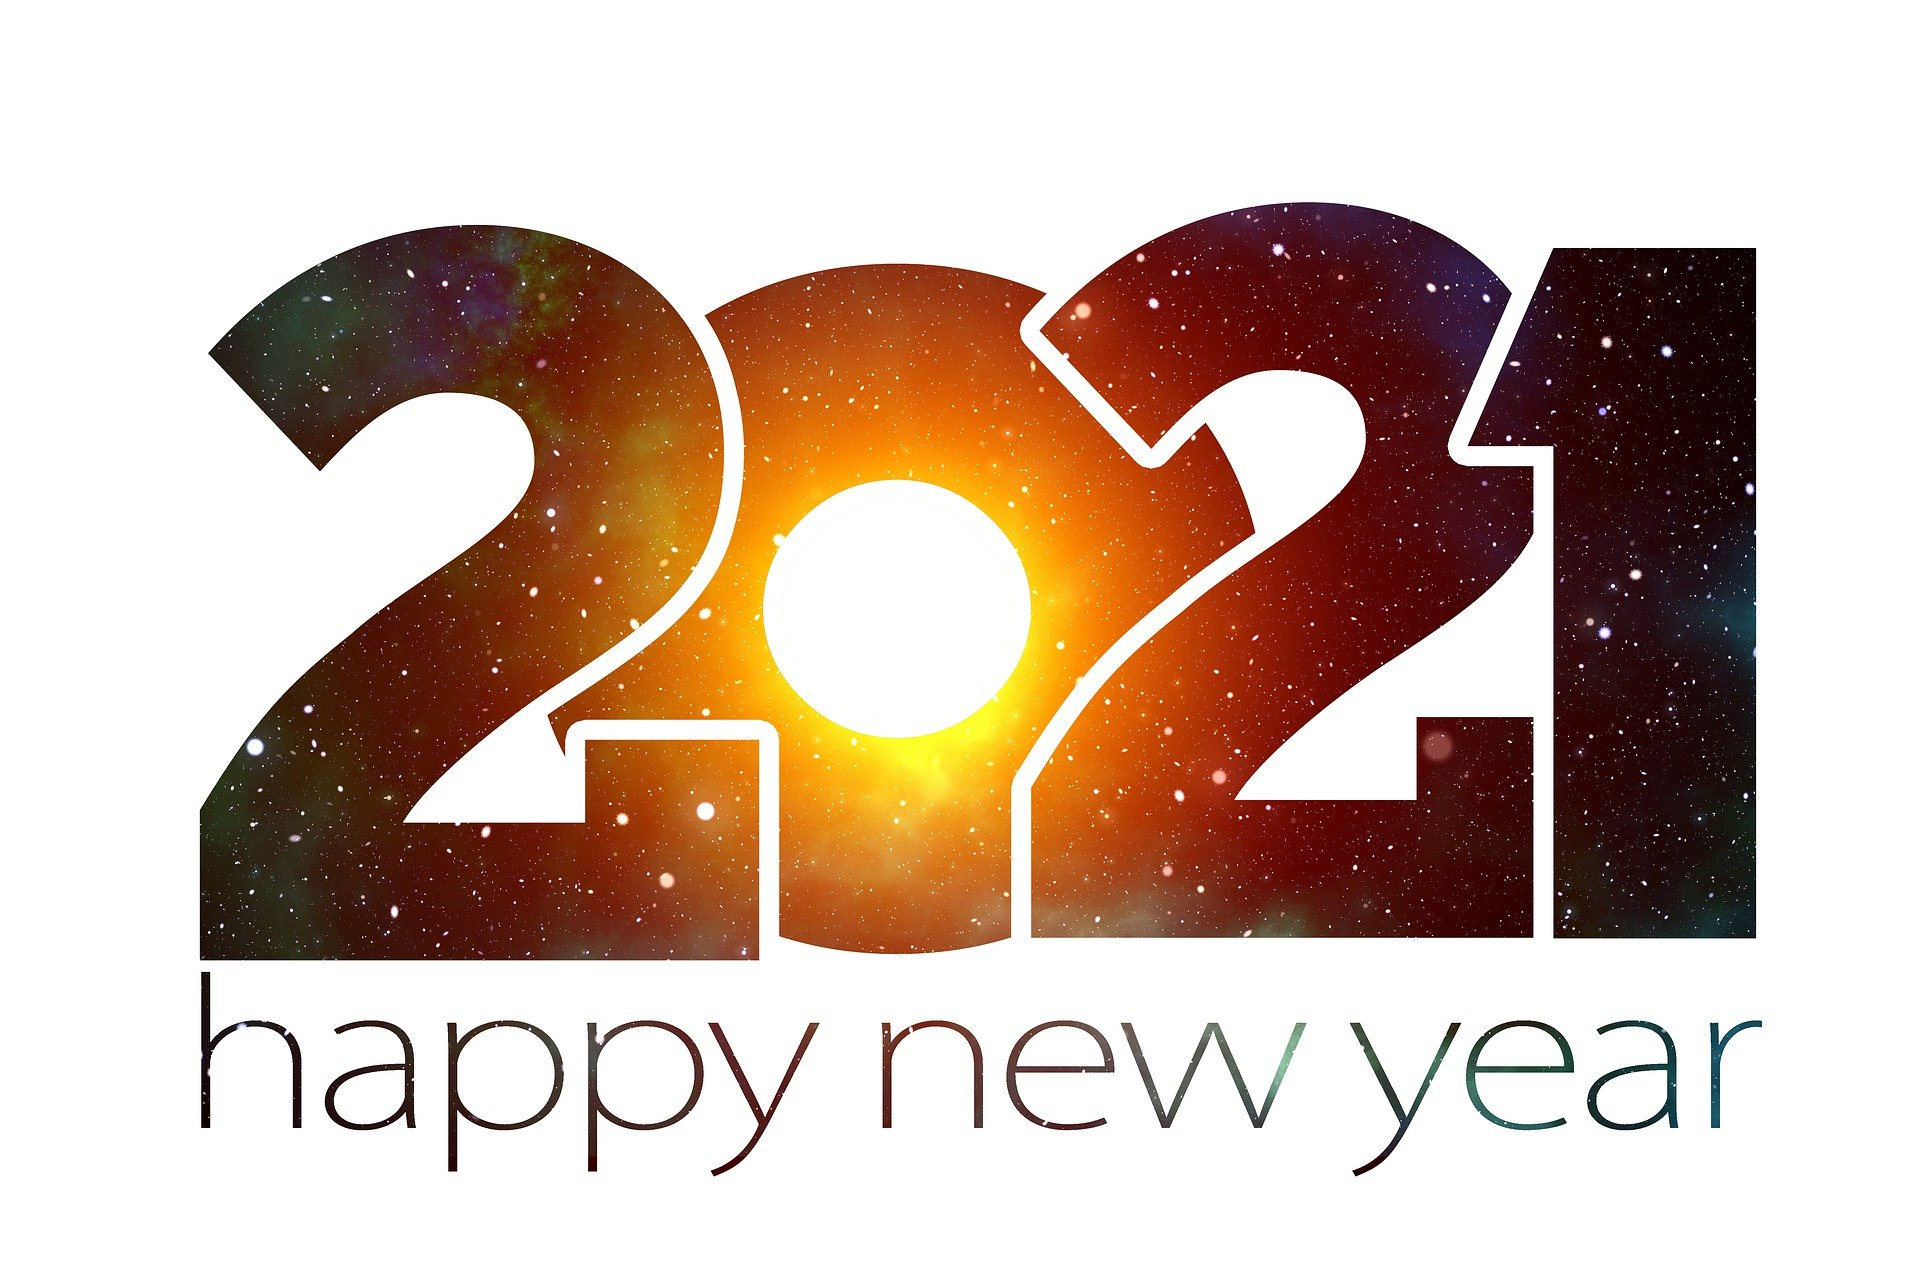 今年もよろしくお願いします